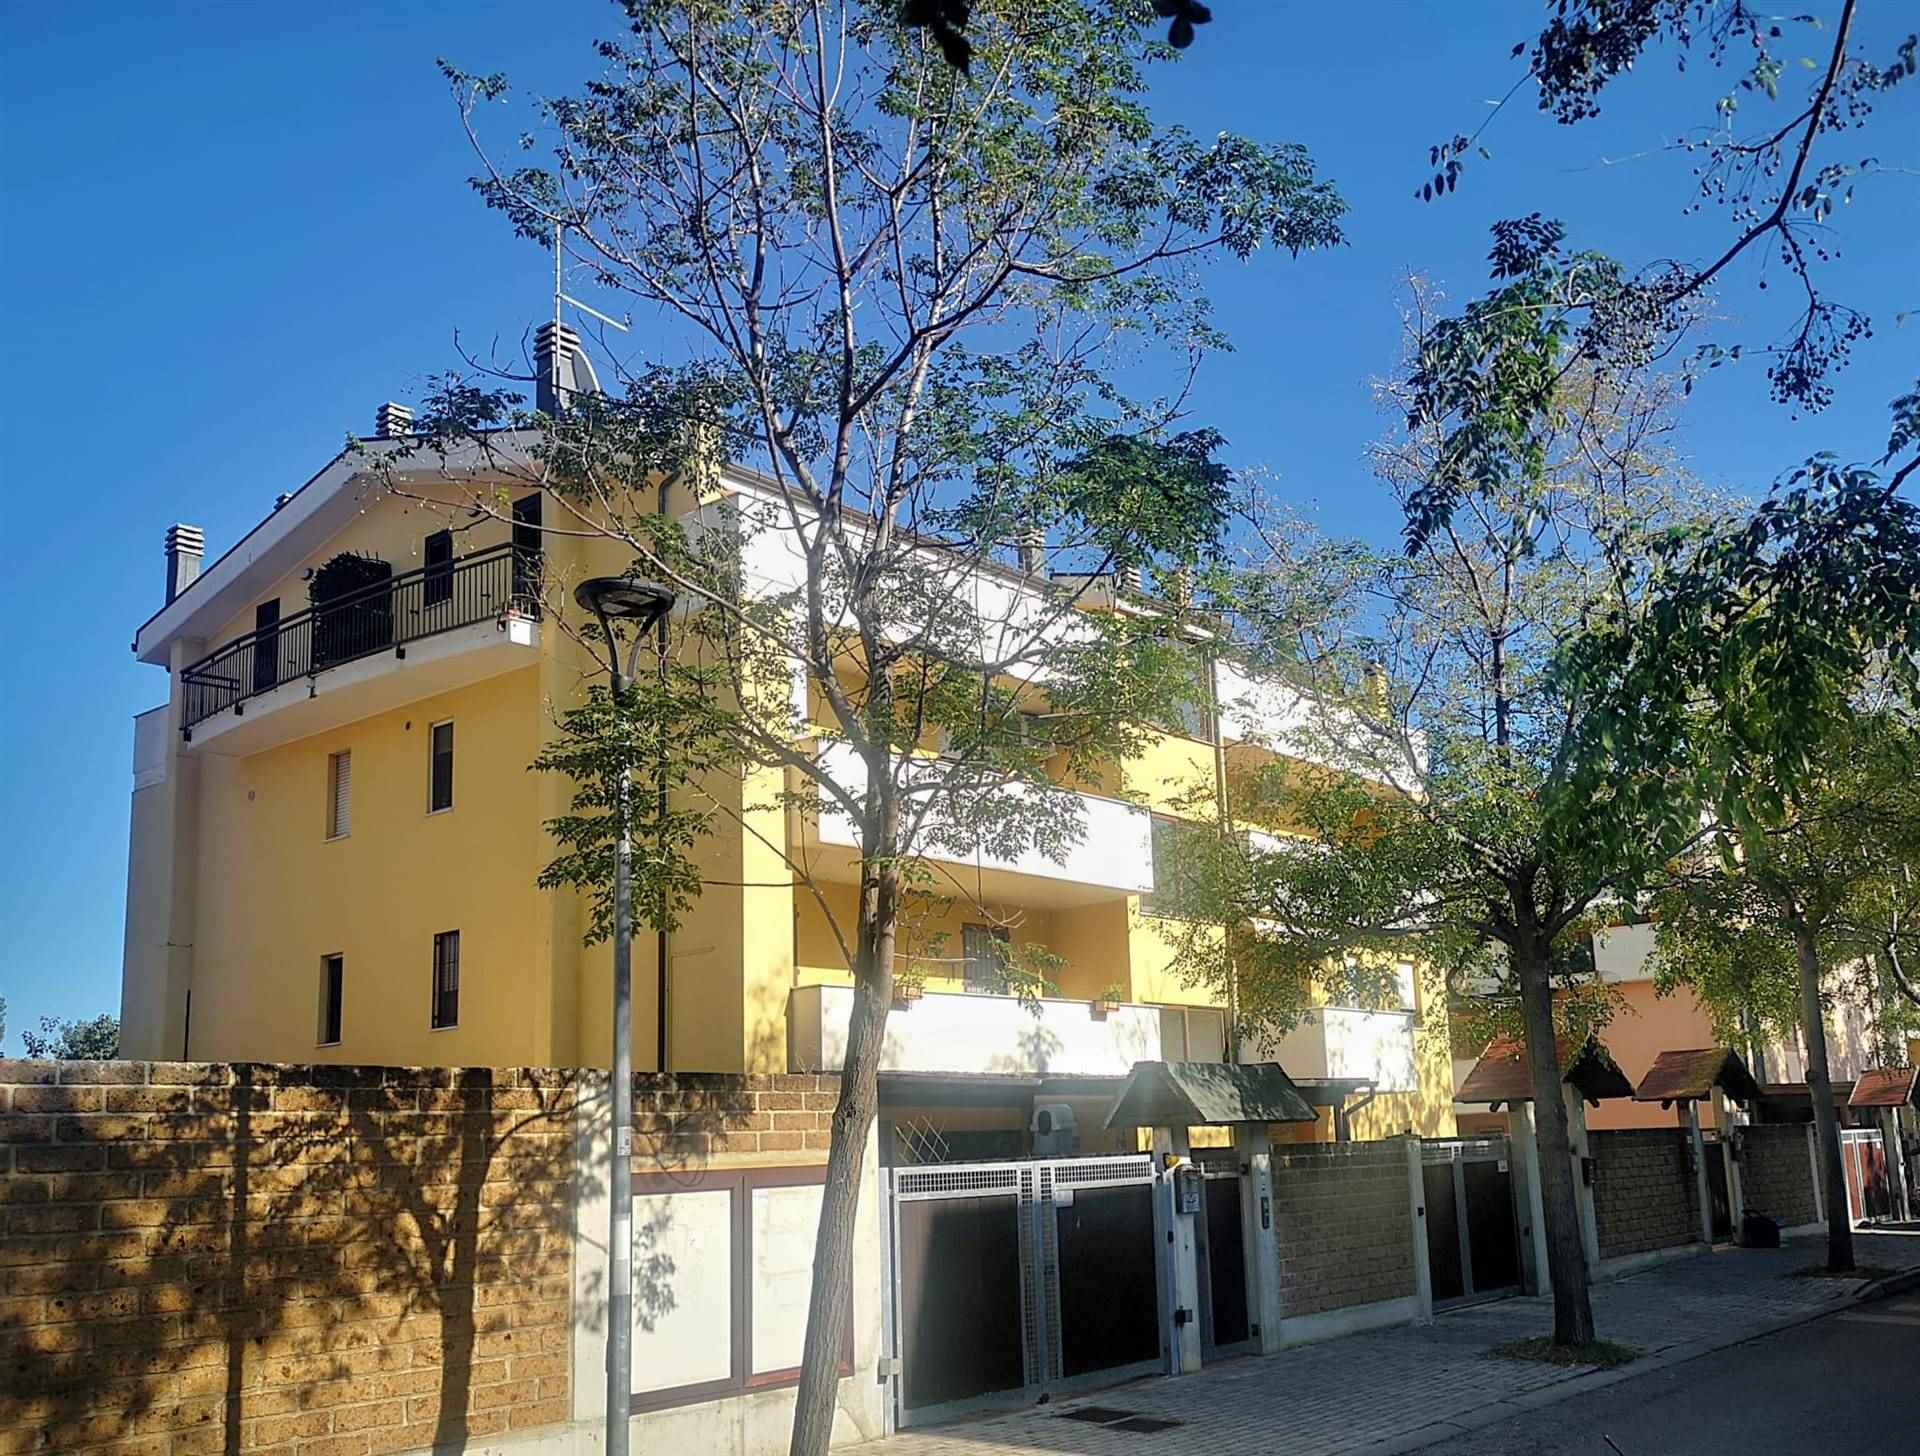 Appartamento in vendita a Montesilvano, 6 locali, zona Località: SPIAGGIA, prezzo € 235.000 | CambioCasa.it